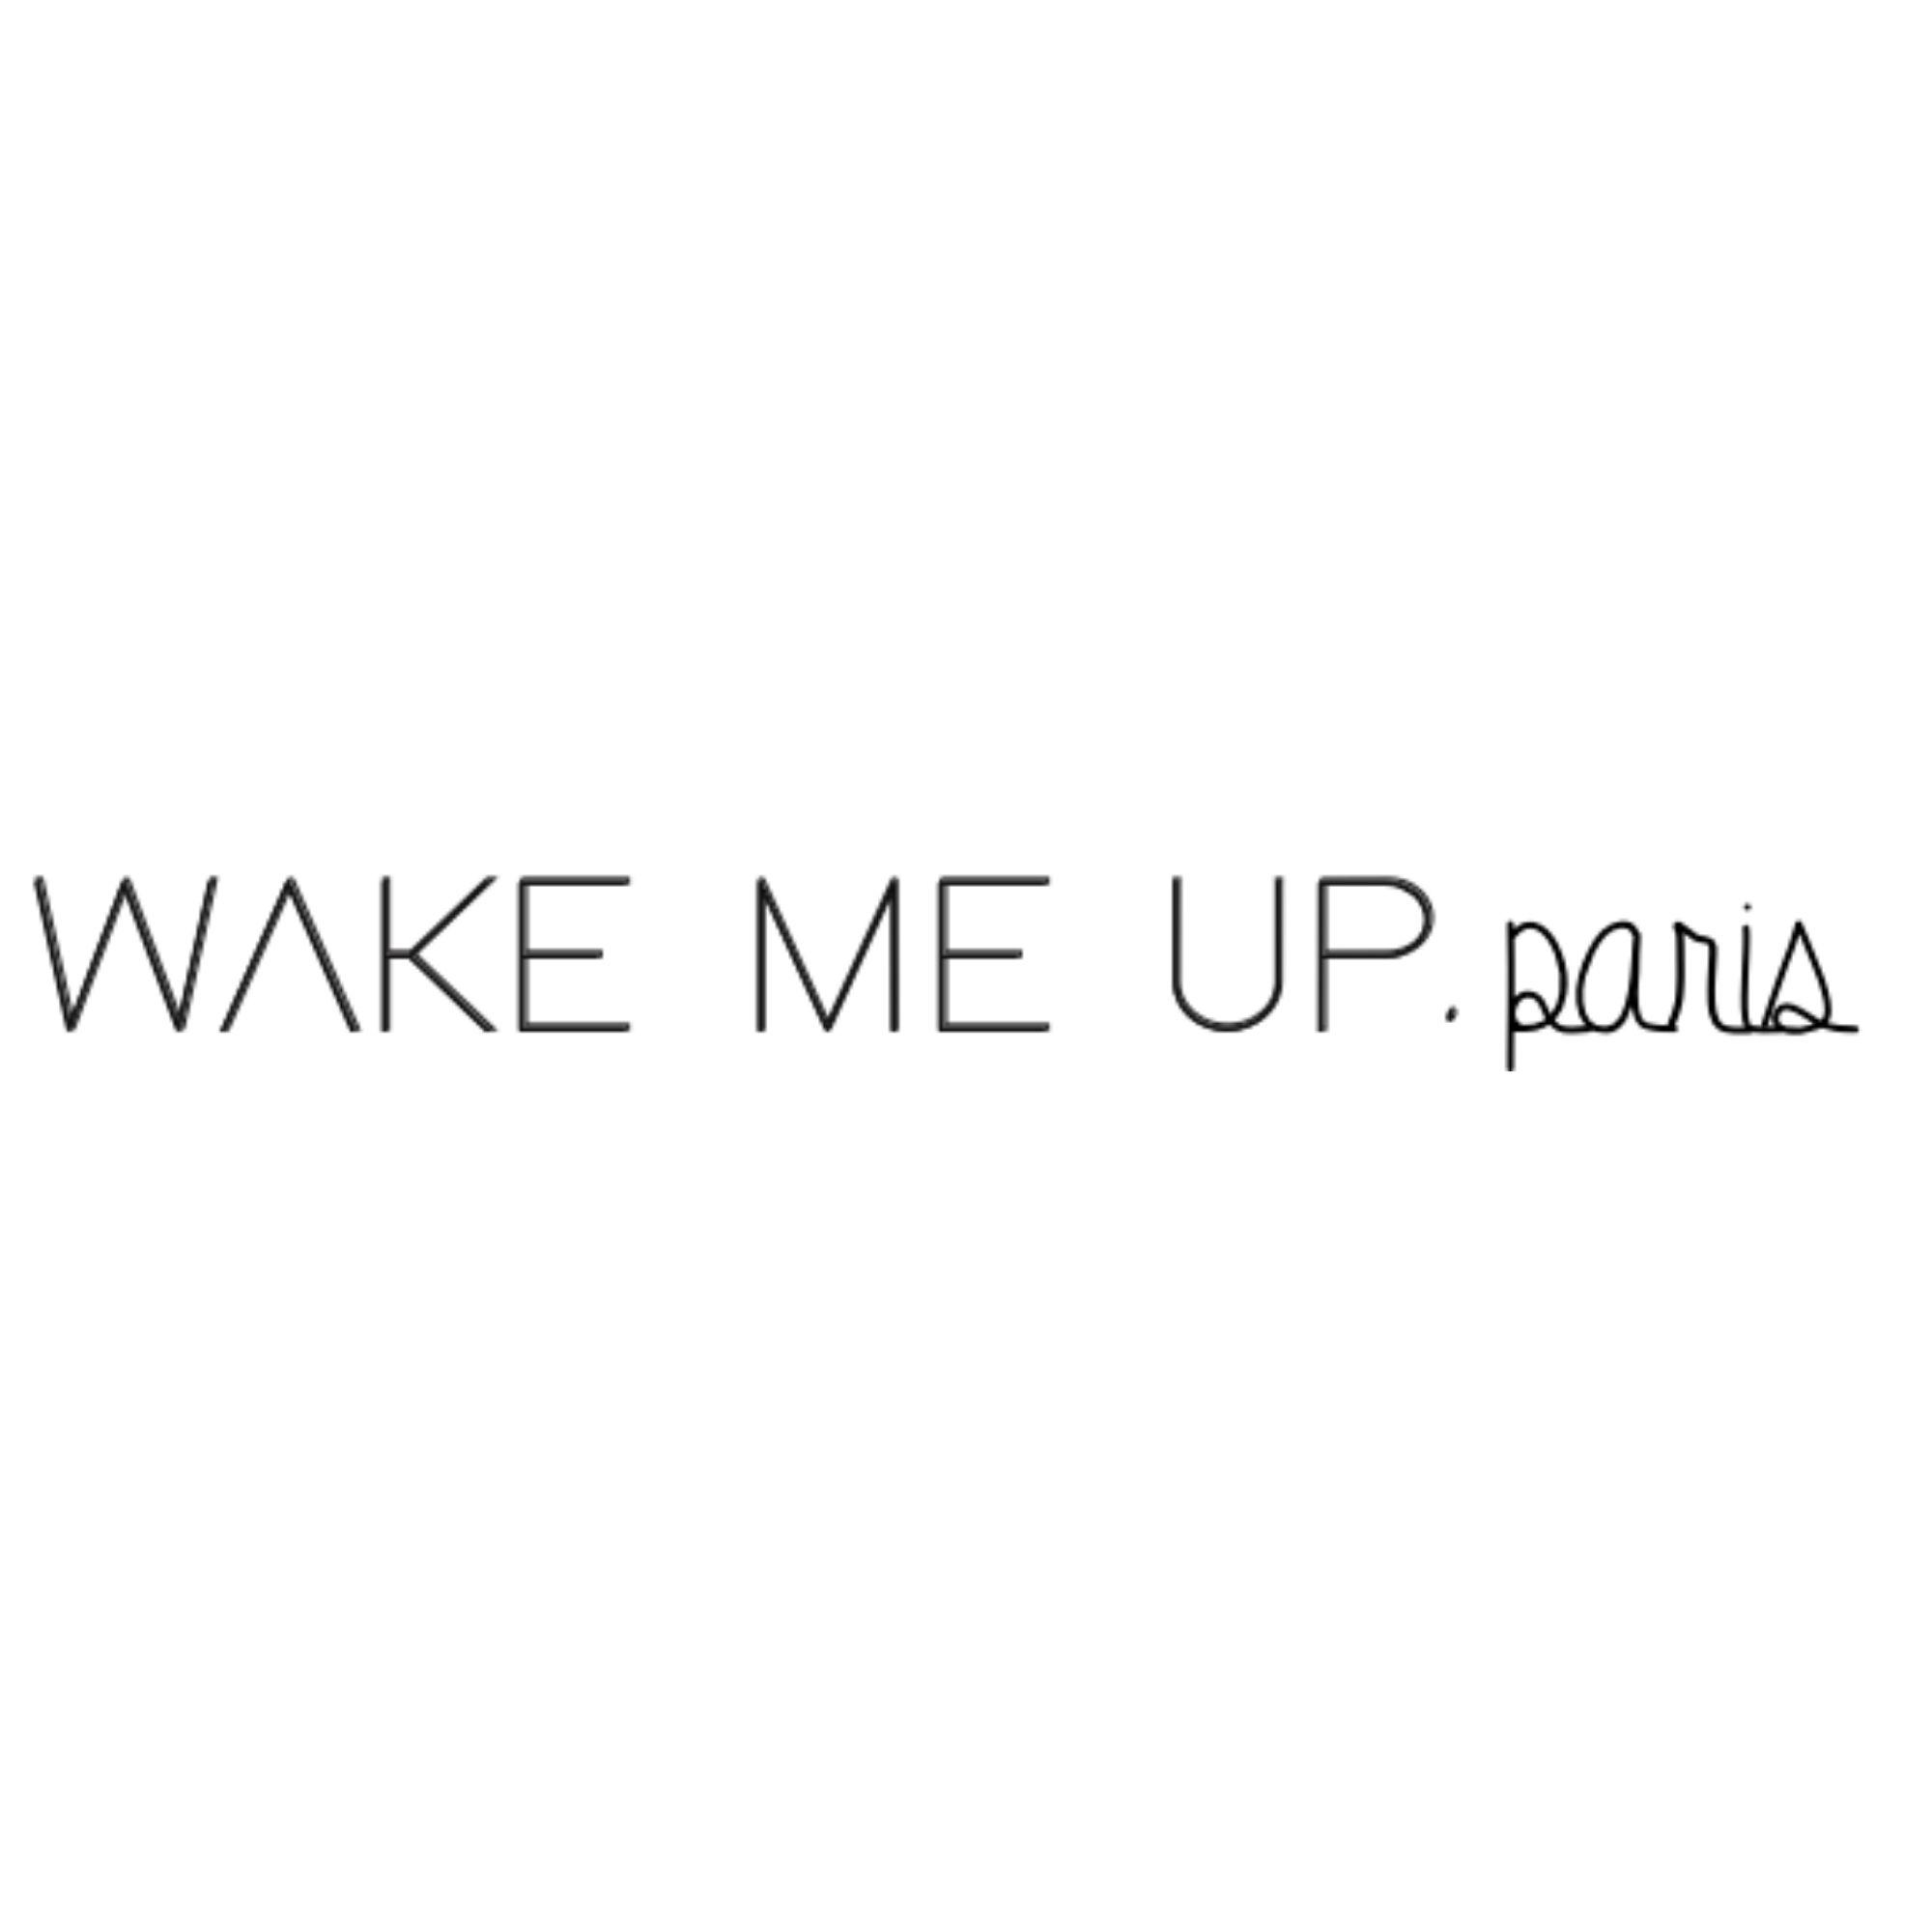 WAKE ME UP.PARIS